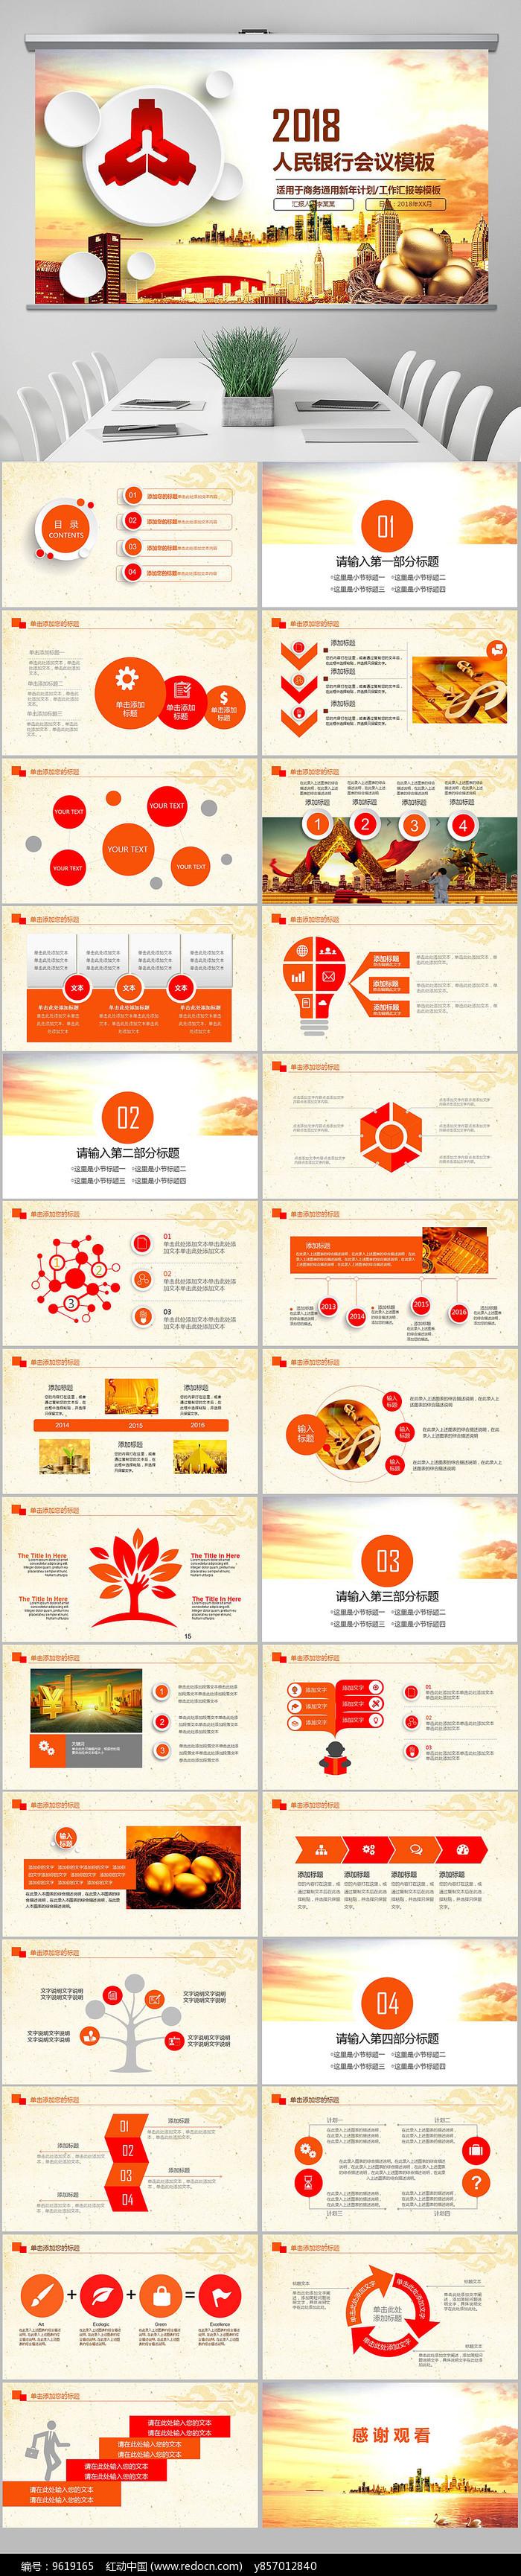 简约中国人民银行ppt图片